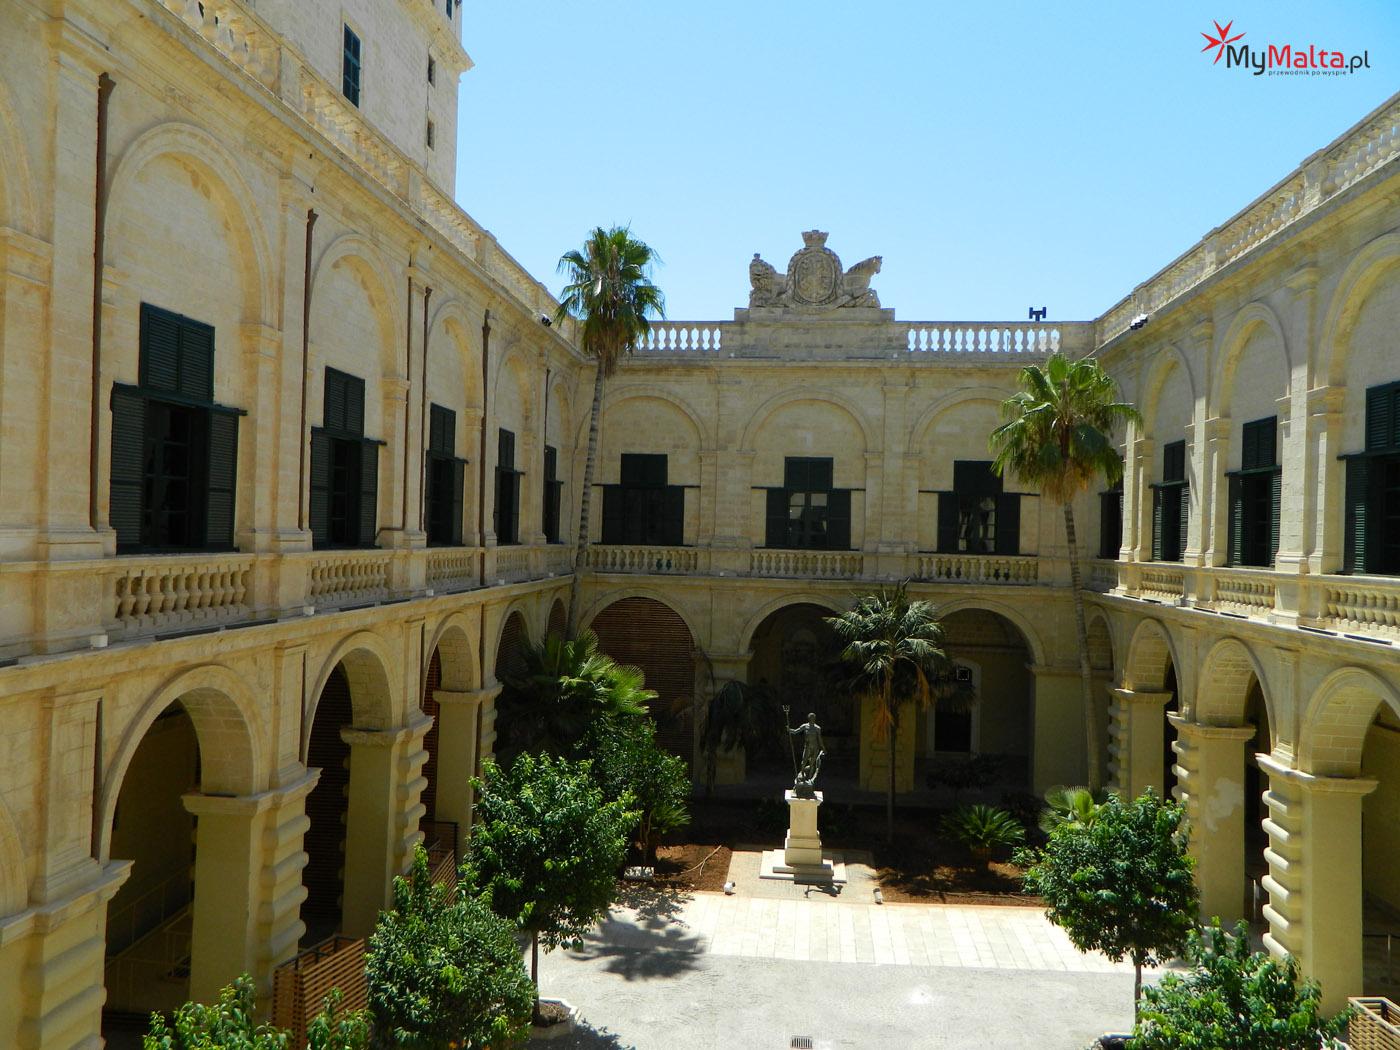 Pałac Wielkich Mistrzów - Valletta